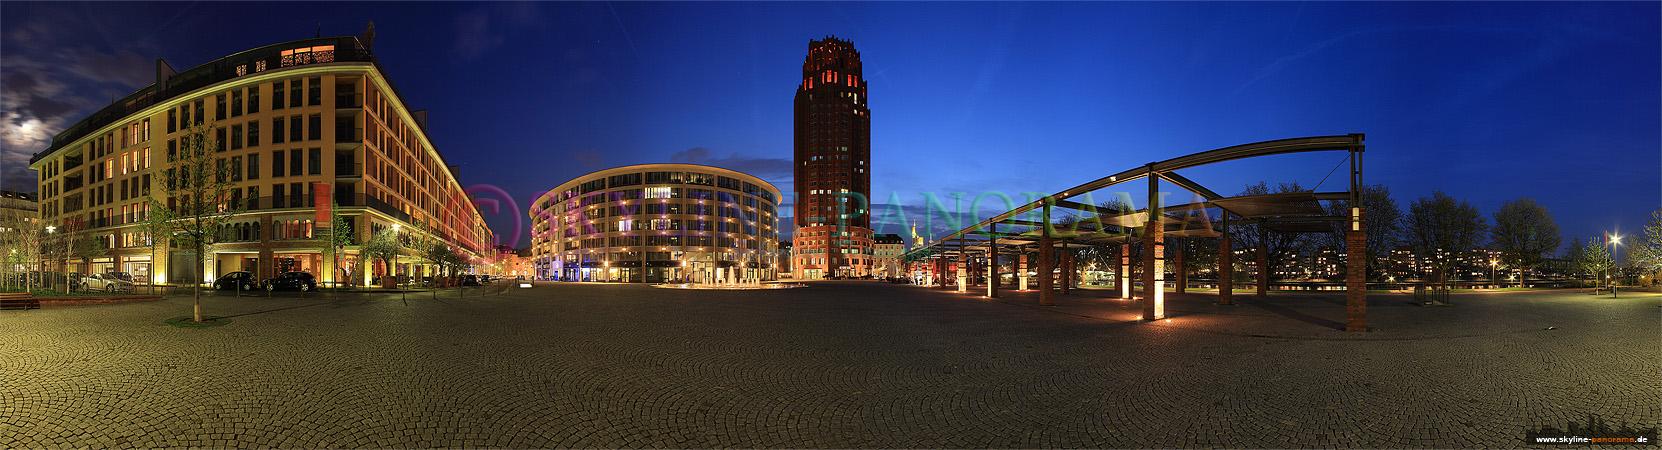 Panorama Frankfurt - Das Frankfurter Main Plaza auf dem Walter von Cronberg Platz in der Nähe des Deutschherrnufers zur Dämmerung.